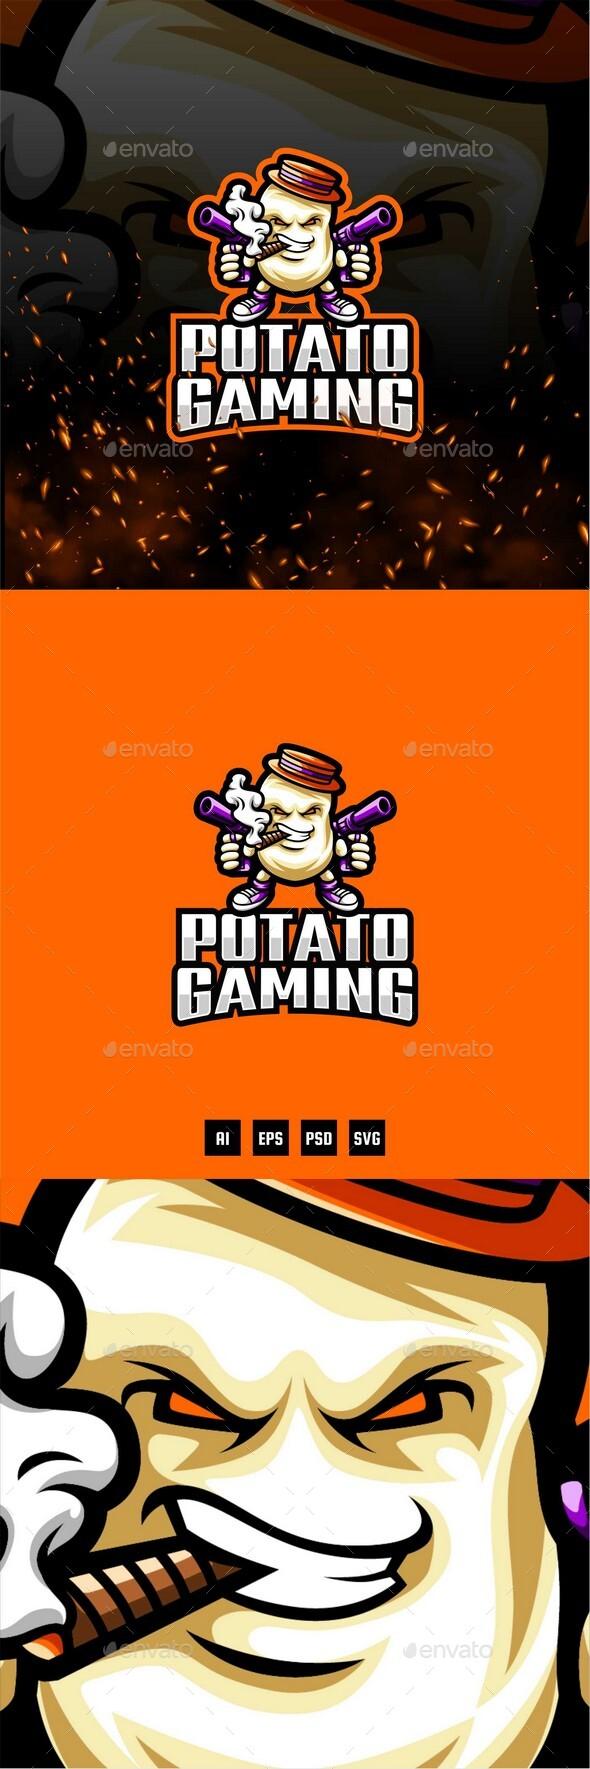 Potato Gaming E-Sport and Sport Logo Template